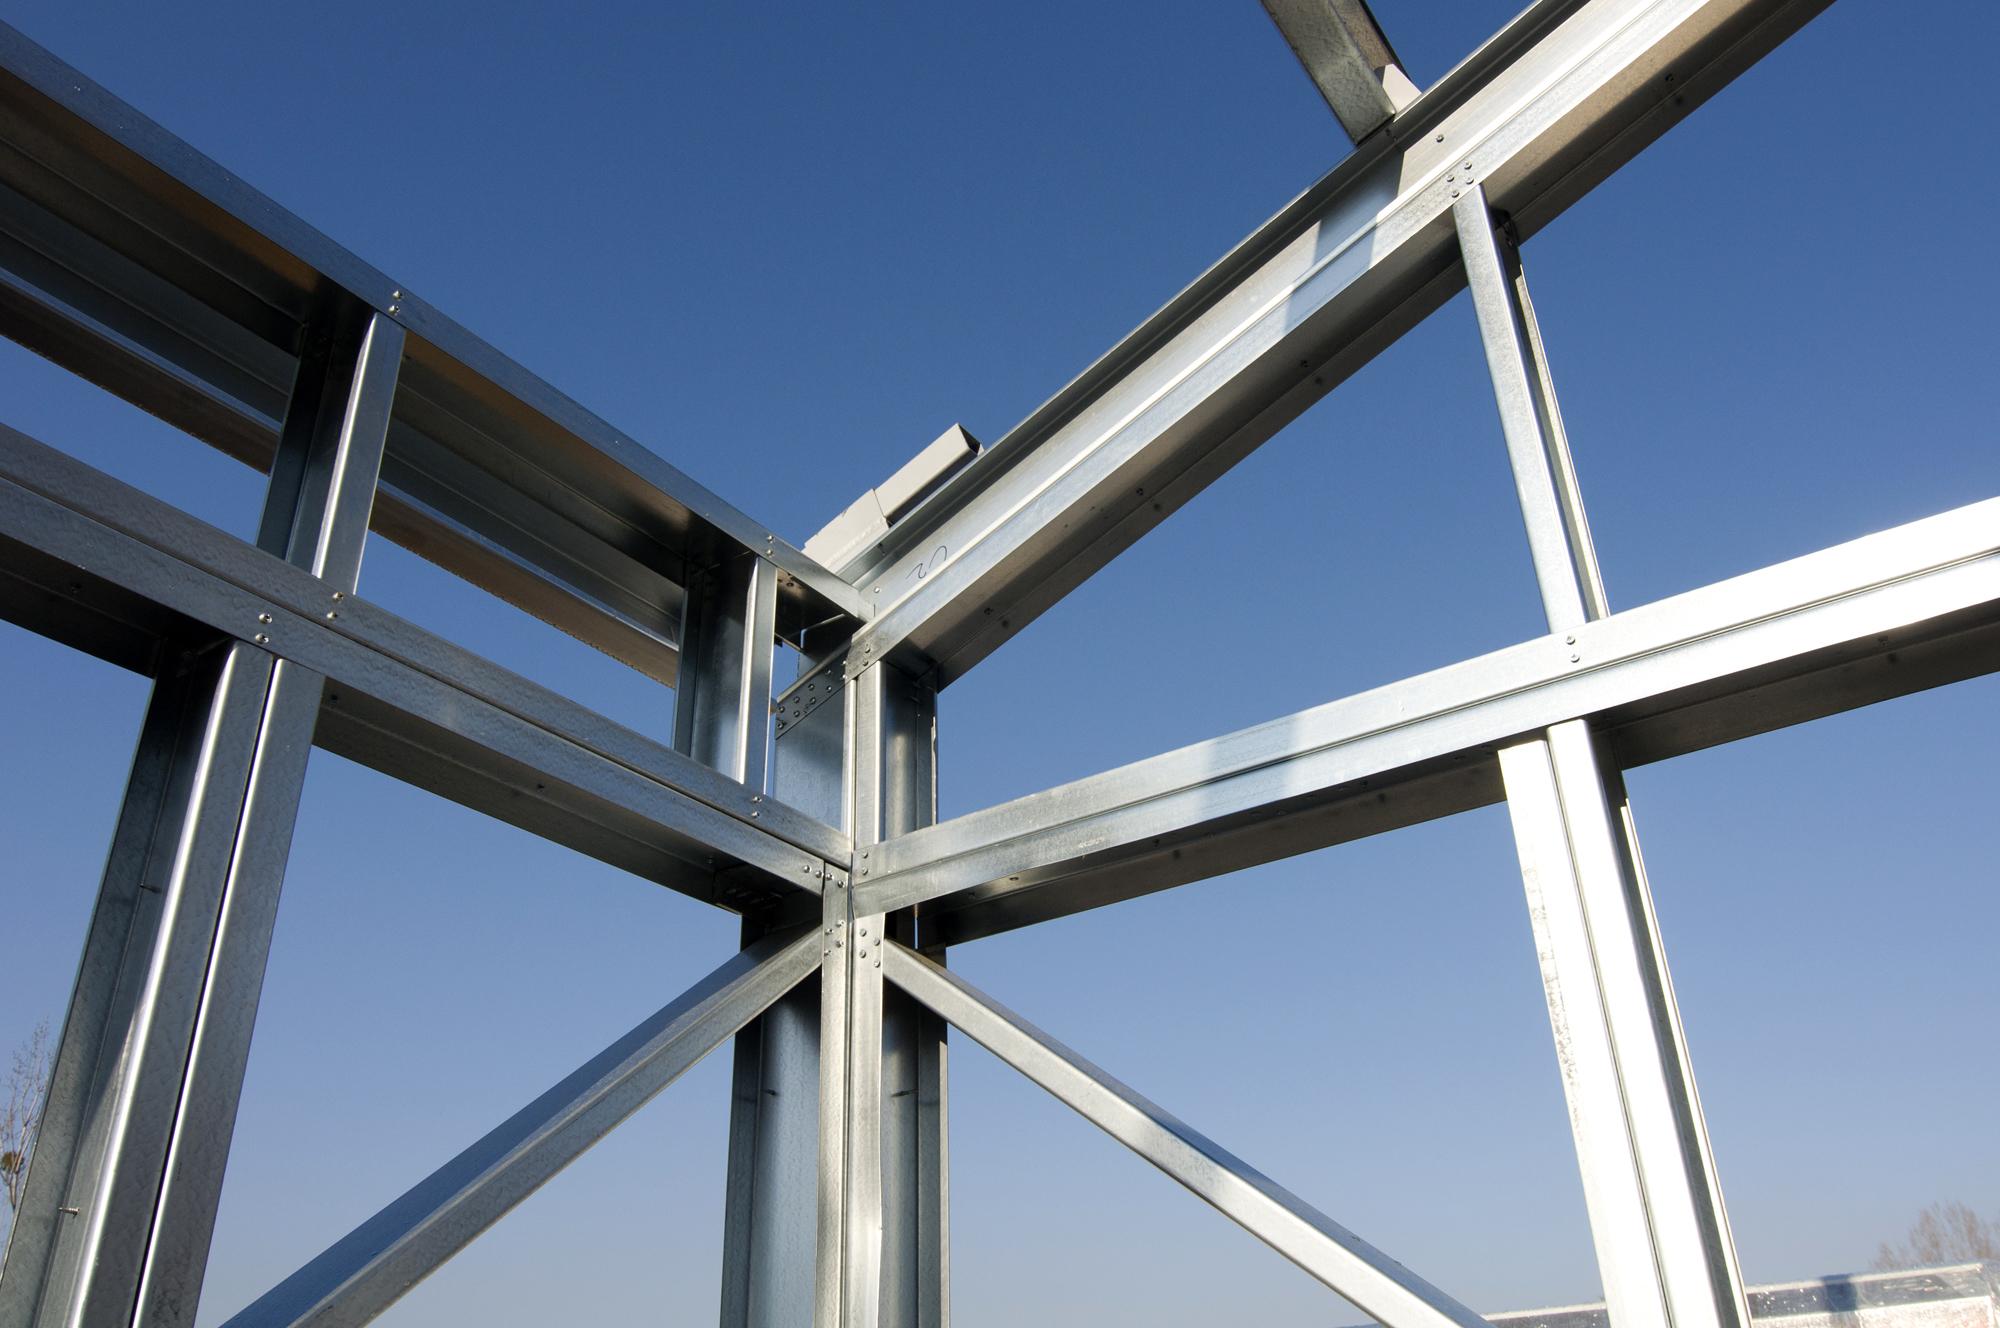 Profile zincate pentru constructii PROINVEST - Poza 3